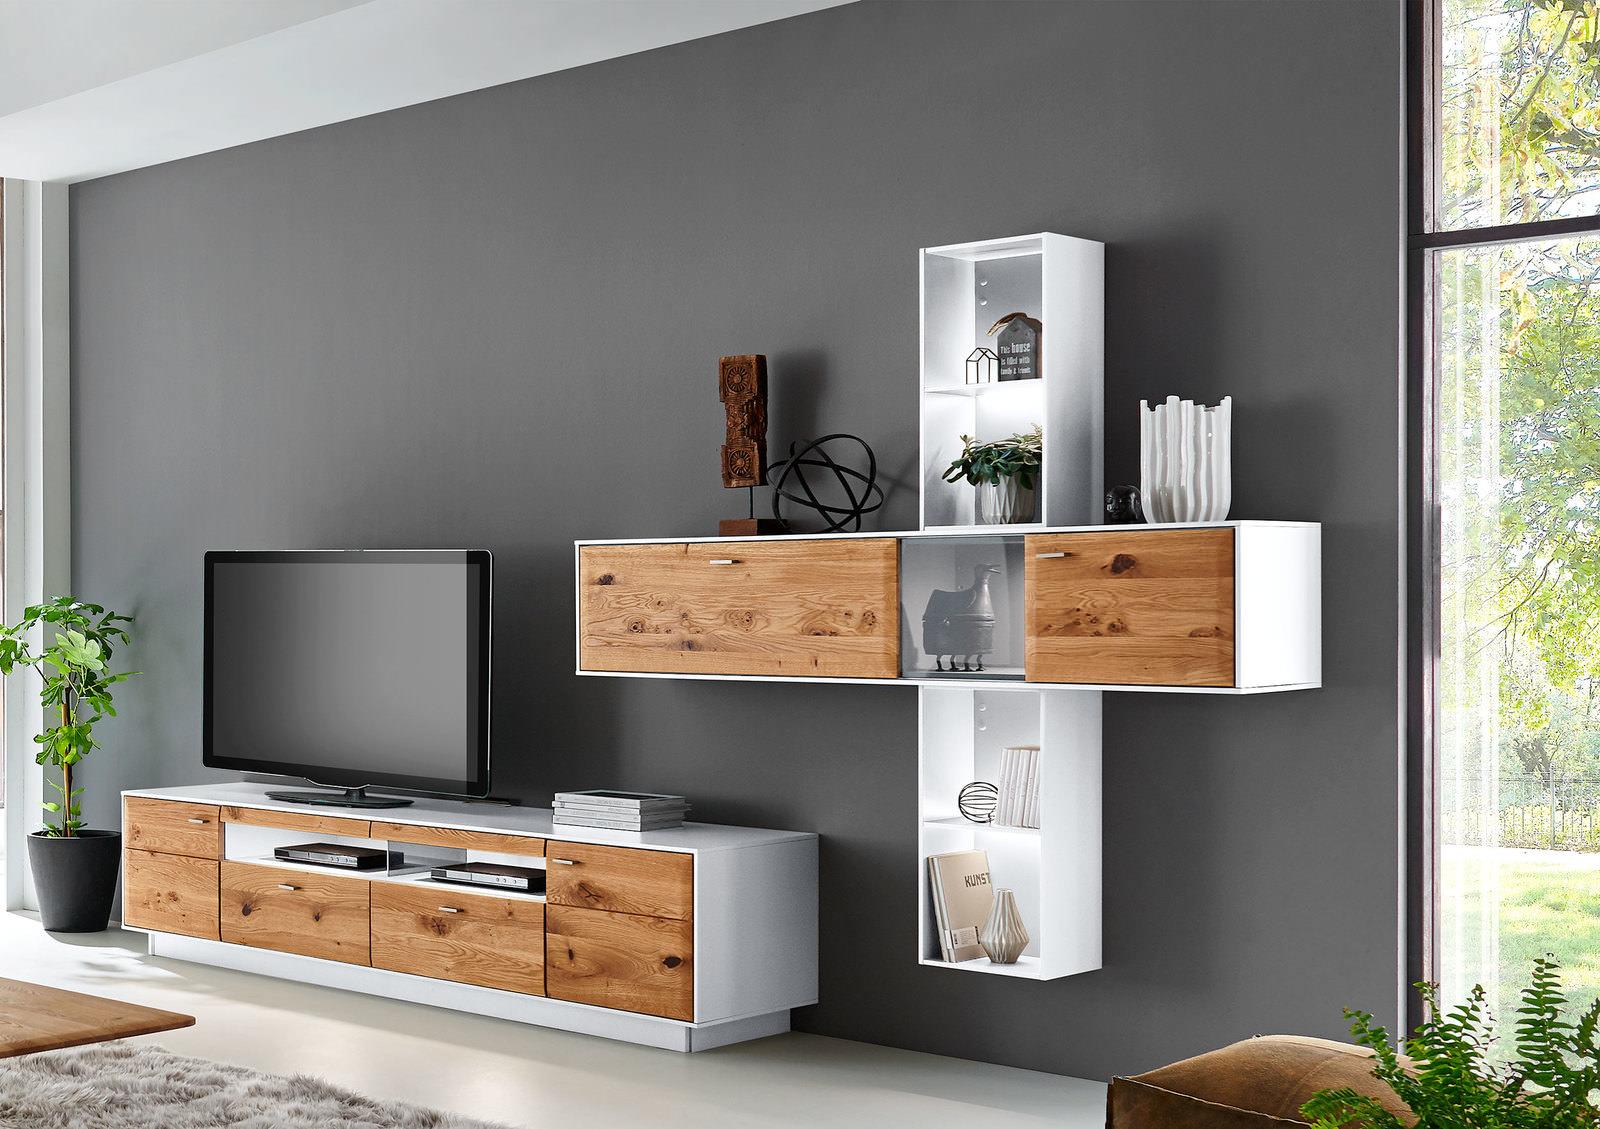 m bel abverkauf wohnwand wohnwand. Black Bedroom Furniture Sets. Home Design Ideas